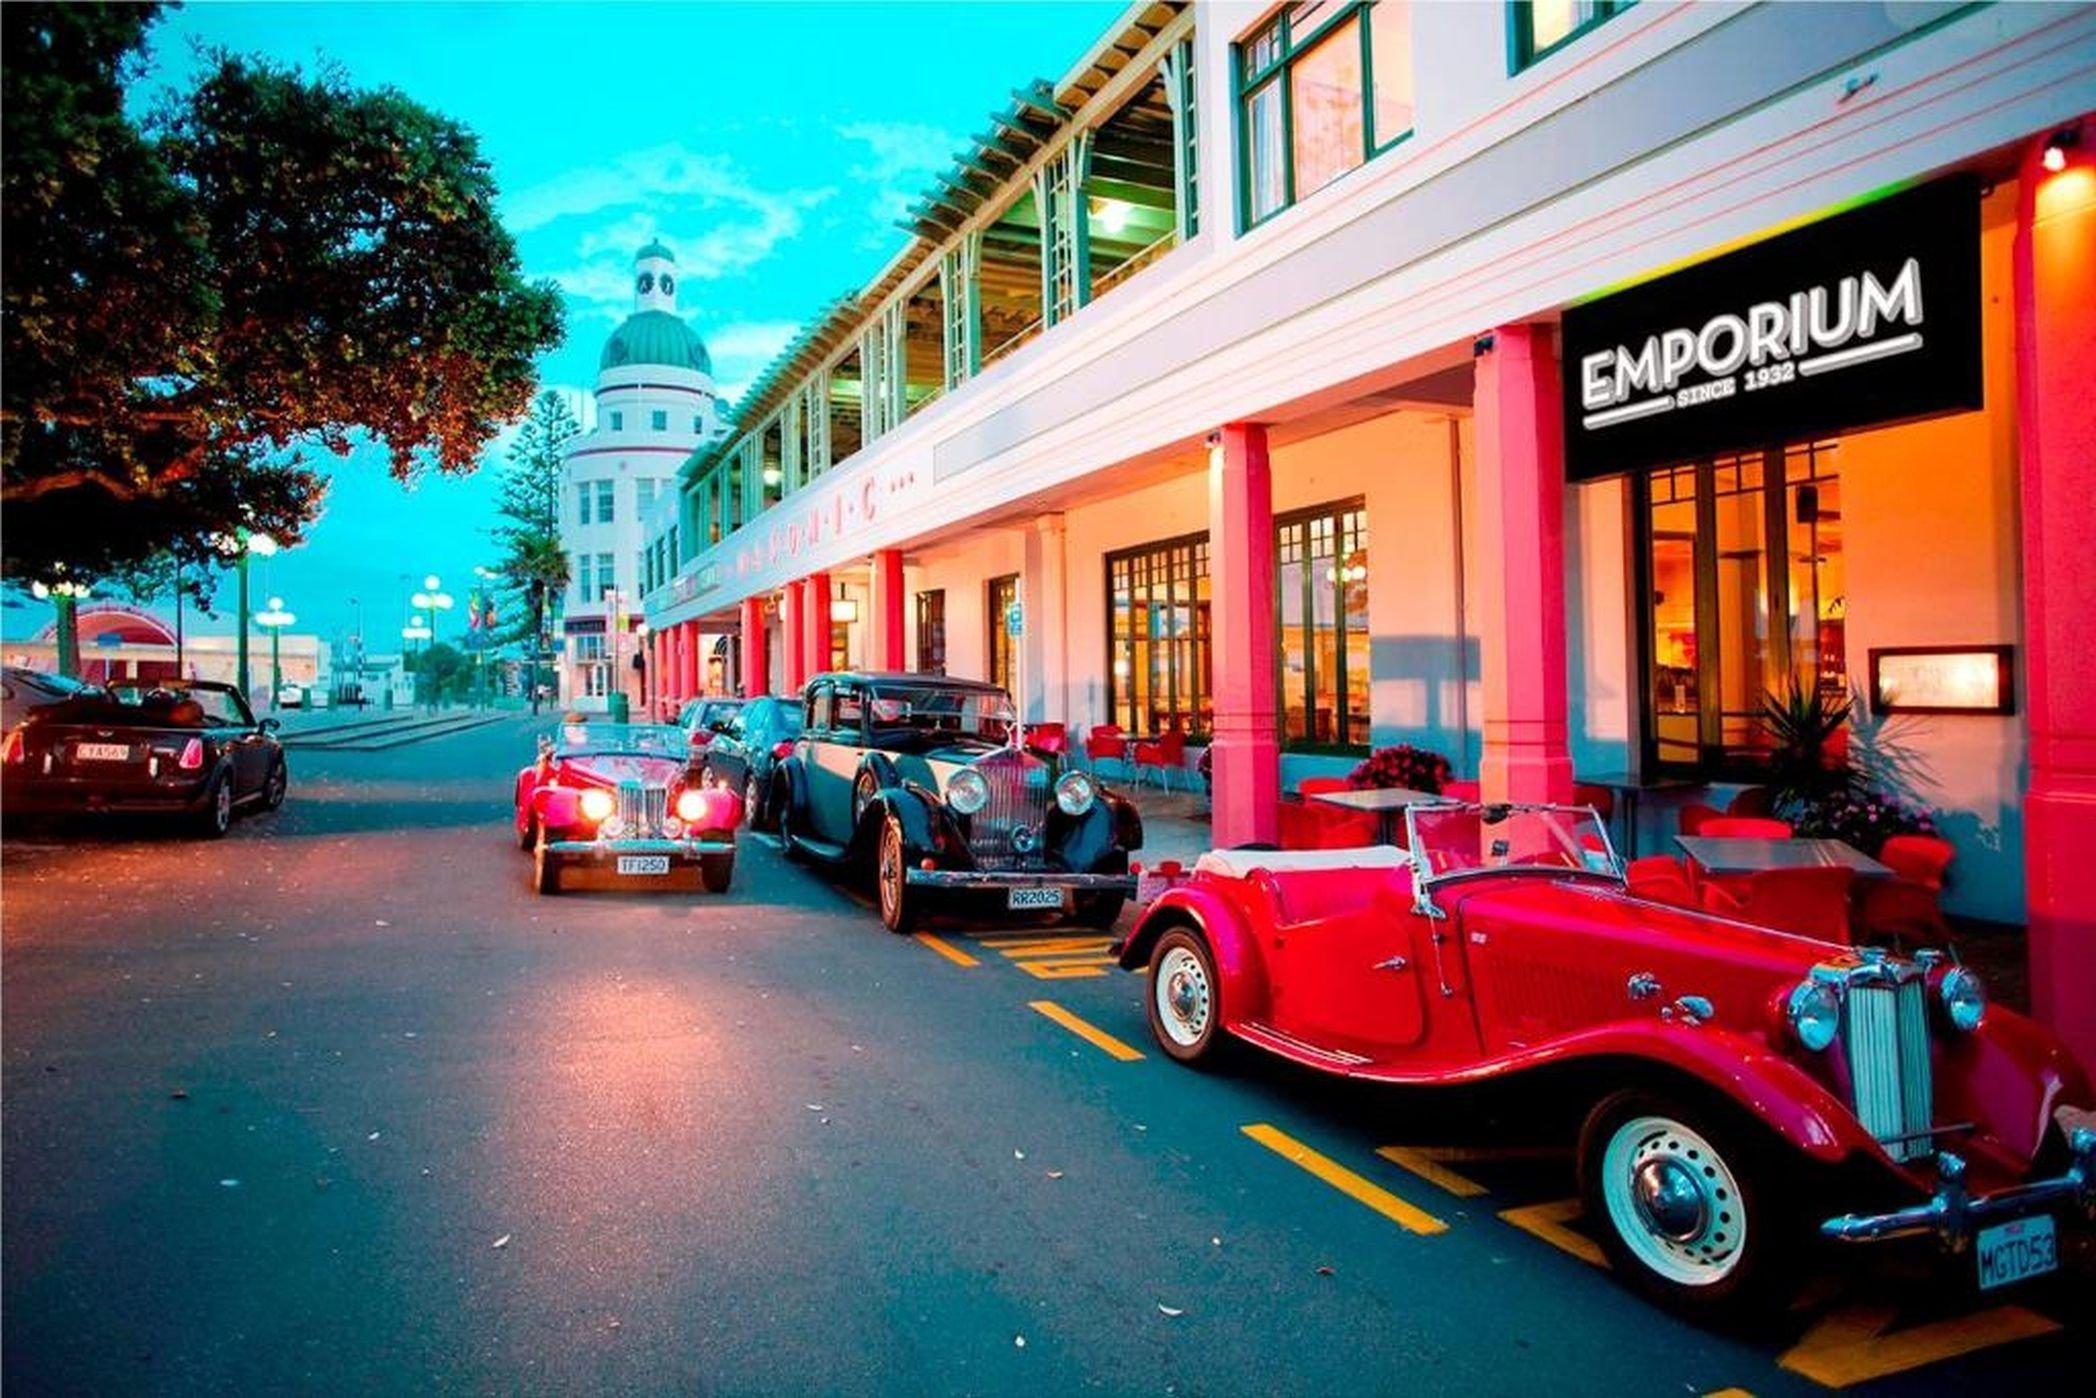 Napier embraces its Art Deco heritage. PHOTO: SUPPLIED